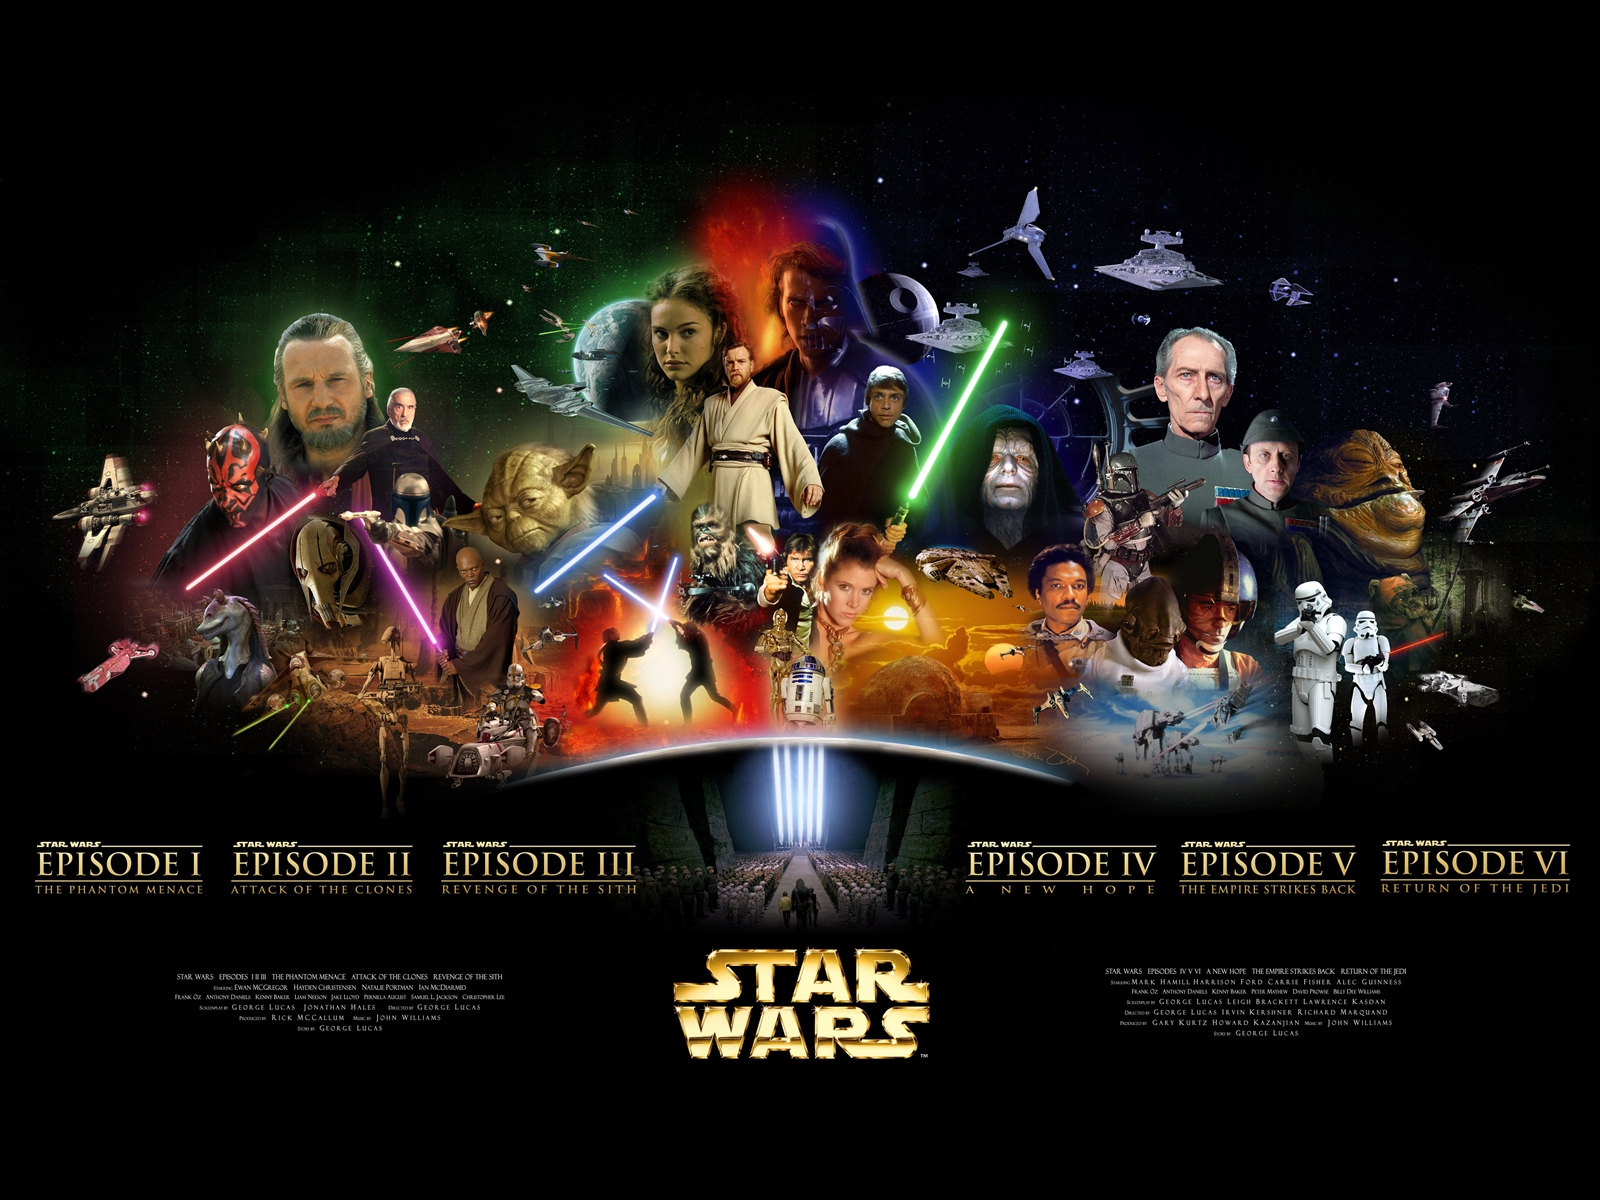 http://3.bp.blogspot.com/-BxFM2ALVq4o/ThDSNySAPqI/AAAAAAAAZ6U/ivnMgtWVCT8/s1600/star_wars_logo36.jpg